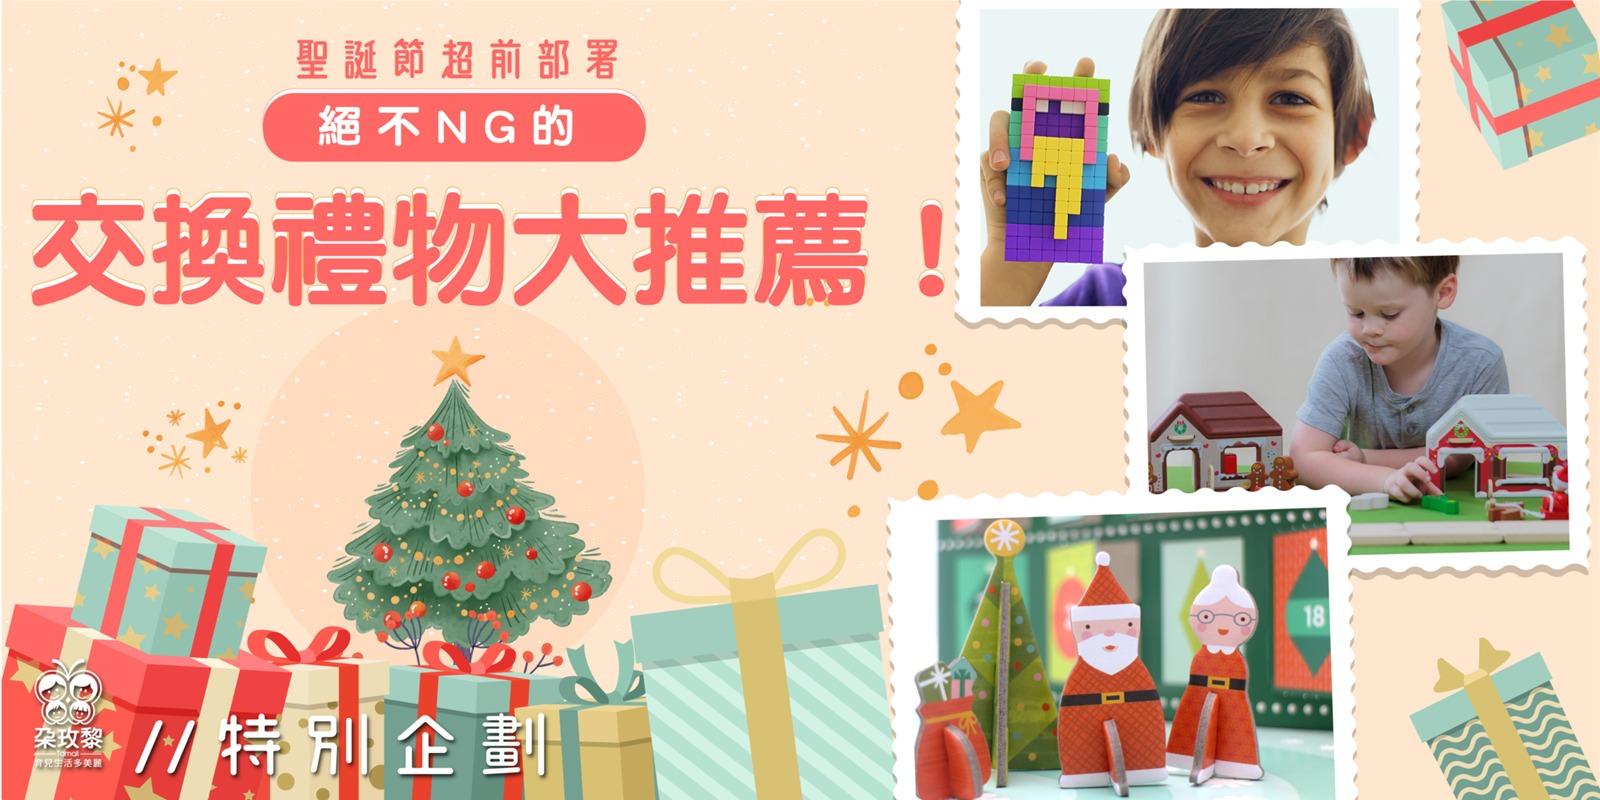 朶特企 聖誕節超前部署,絕不NG的交換禮物大推薦!